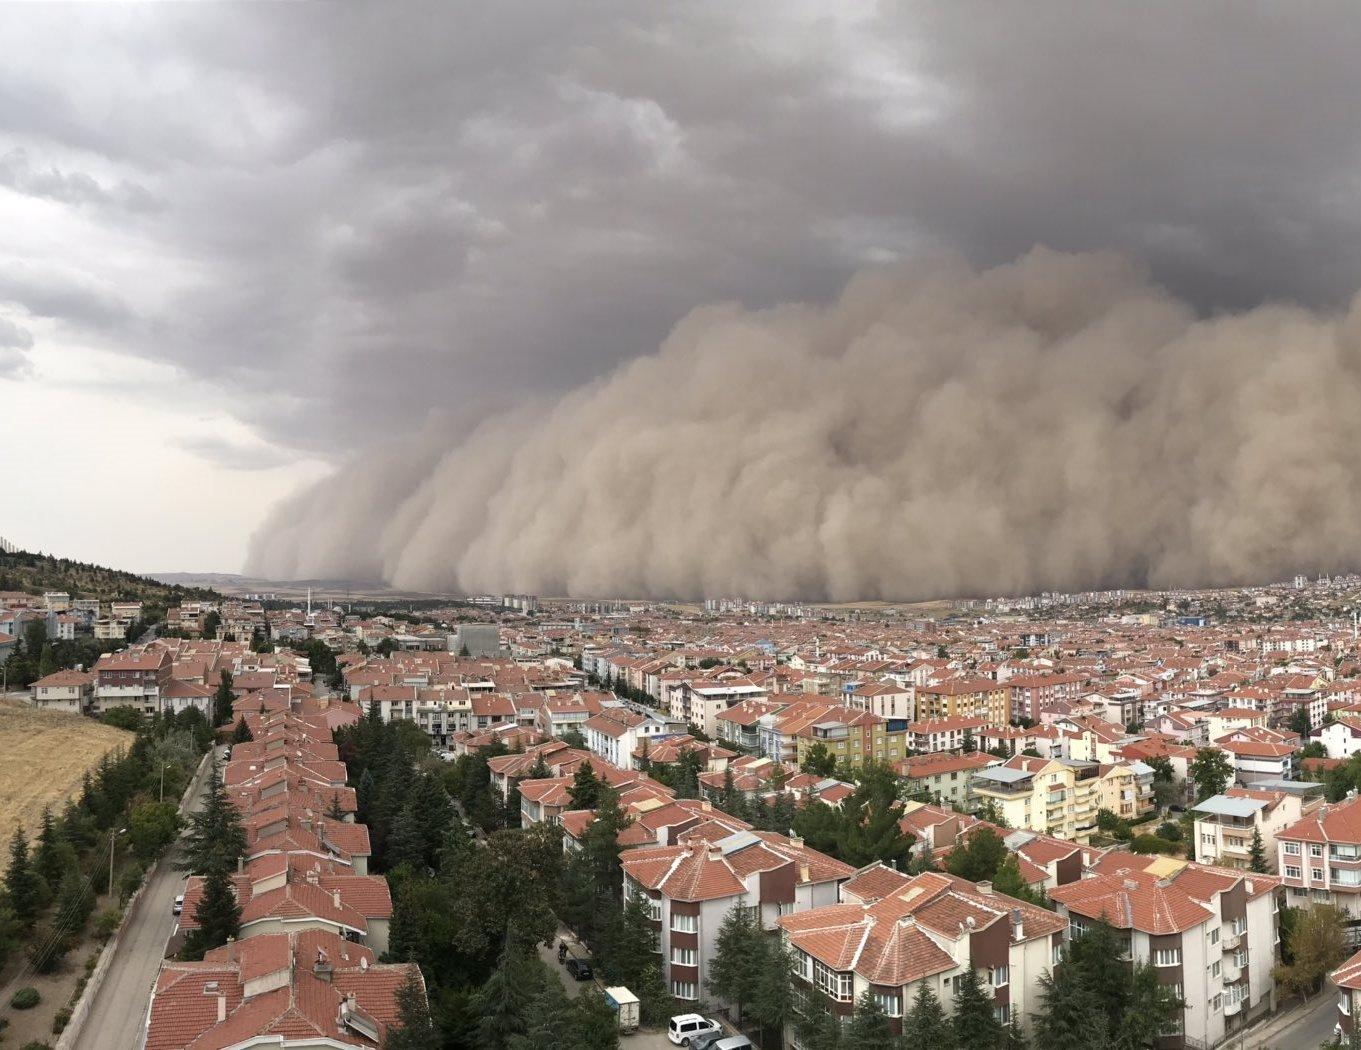 Kum fırtınası Ankara/Polatlı'yı savurdu!